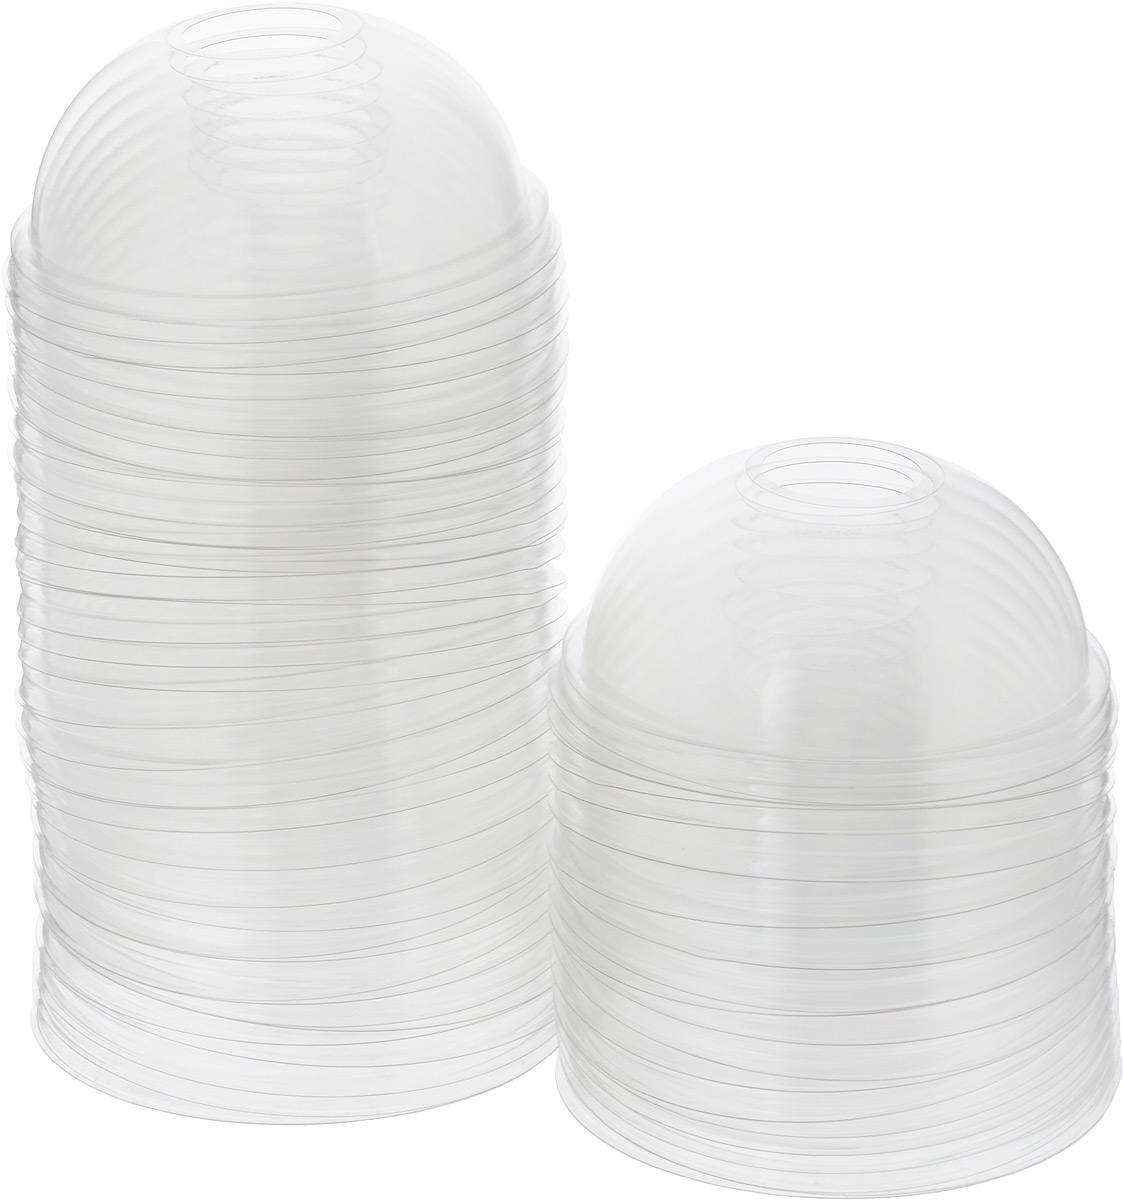 Крышка для стакана одноразовая Стироллпласт, купольная, 50 шт. ПОС31550VT-1520(SR)Одноразовые крышки для стакана Стироллпласт изготовлены из материала ПЭТ (полиэтилентерефталат). Крышки имеют форму купола и отверстия для трубочки. Подойдут для всех одноразовых стаканов диаметром 95 мм. Одноразовая посуда незаменима в поездках на природу, на пикниках, а также на детских праздниках. Она не занимает много места, легкая и самое главное - после использования ее не надо мыть. Диаметр крышки: 9,5 см. Высота крышки: 4,5 см.